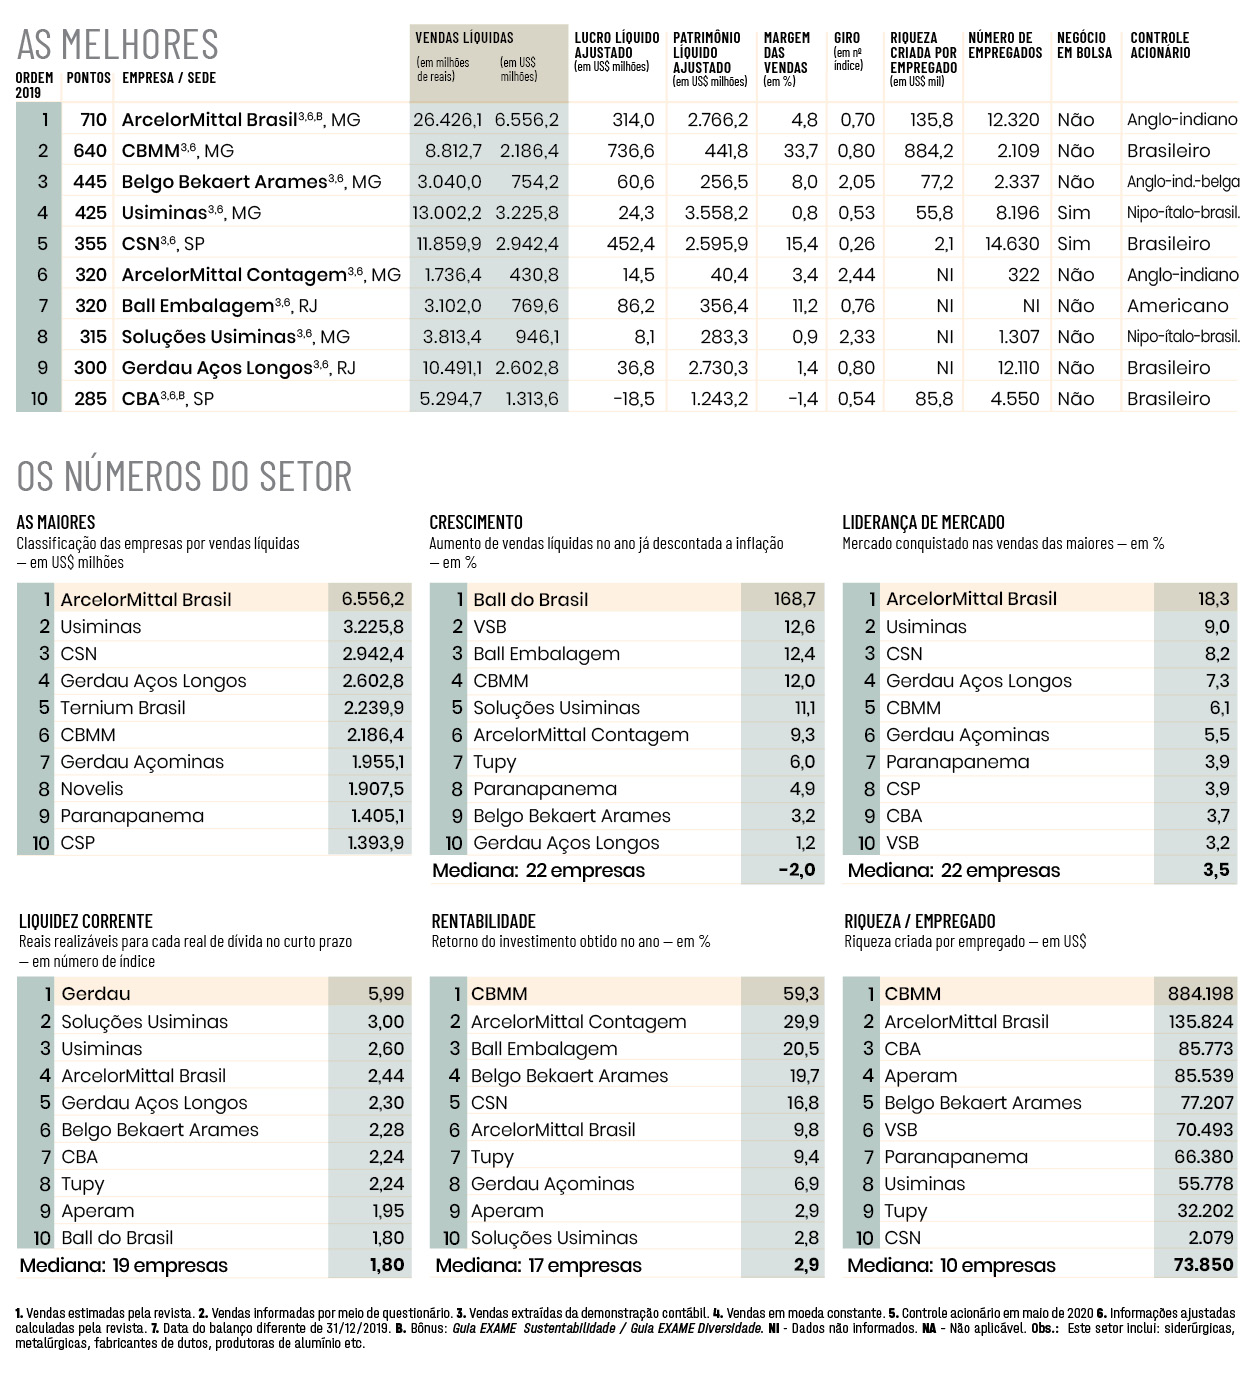 Melhores e Maiores 2020, Siderurgia e Metalurgia